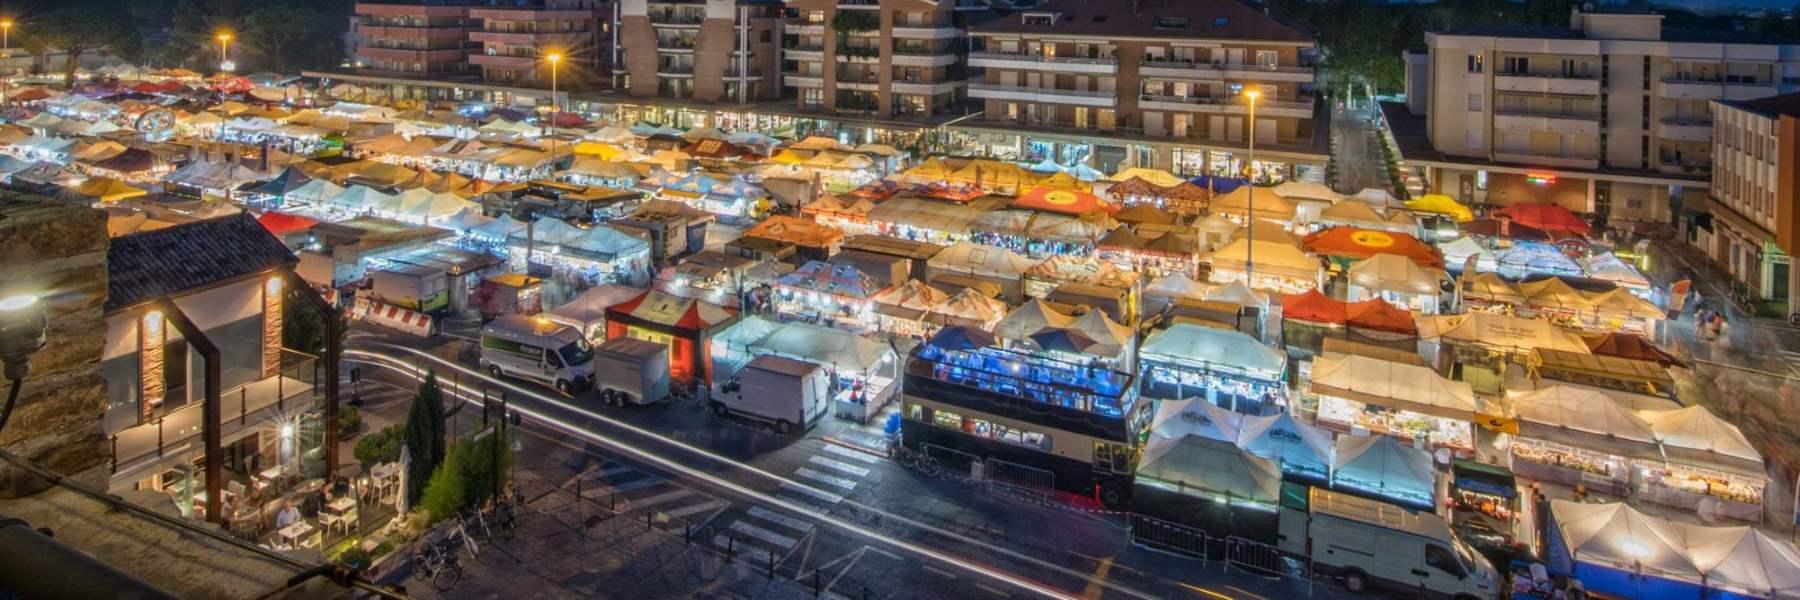 Europäischer kleiner Markt